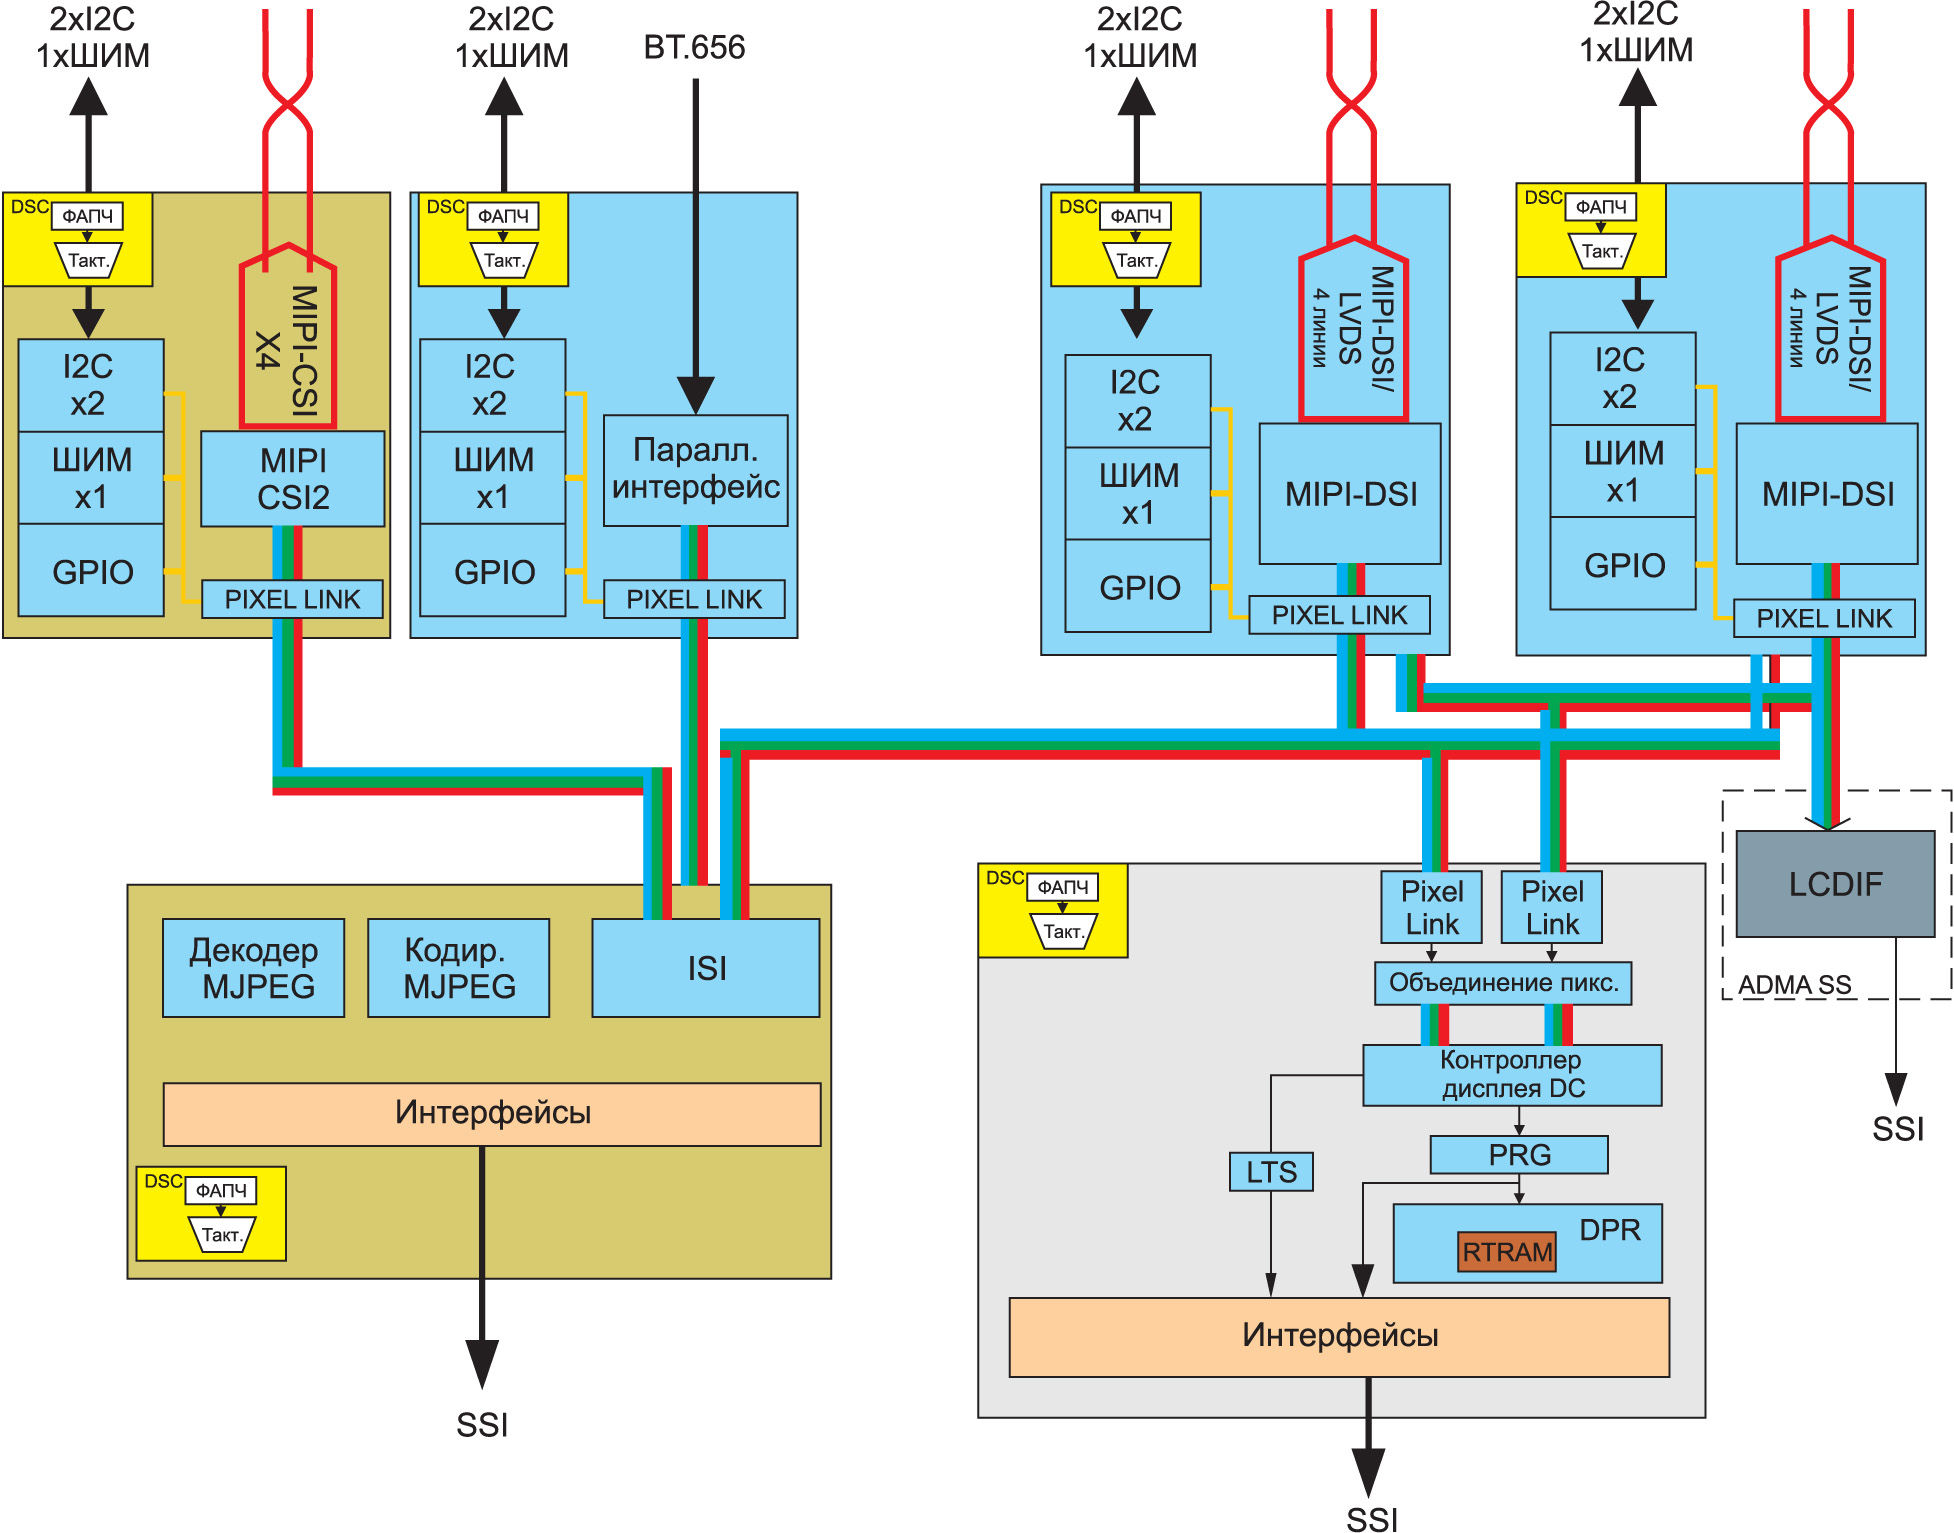 Коммуникации между подсистемами дисплея, камеры и обработки изображения